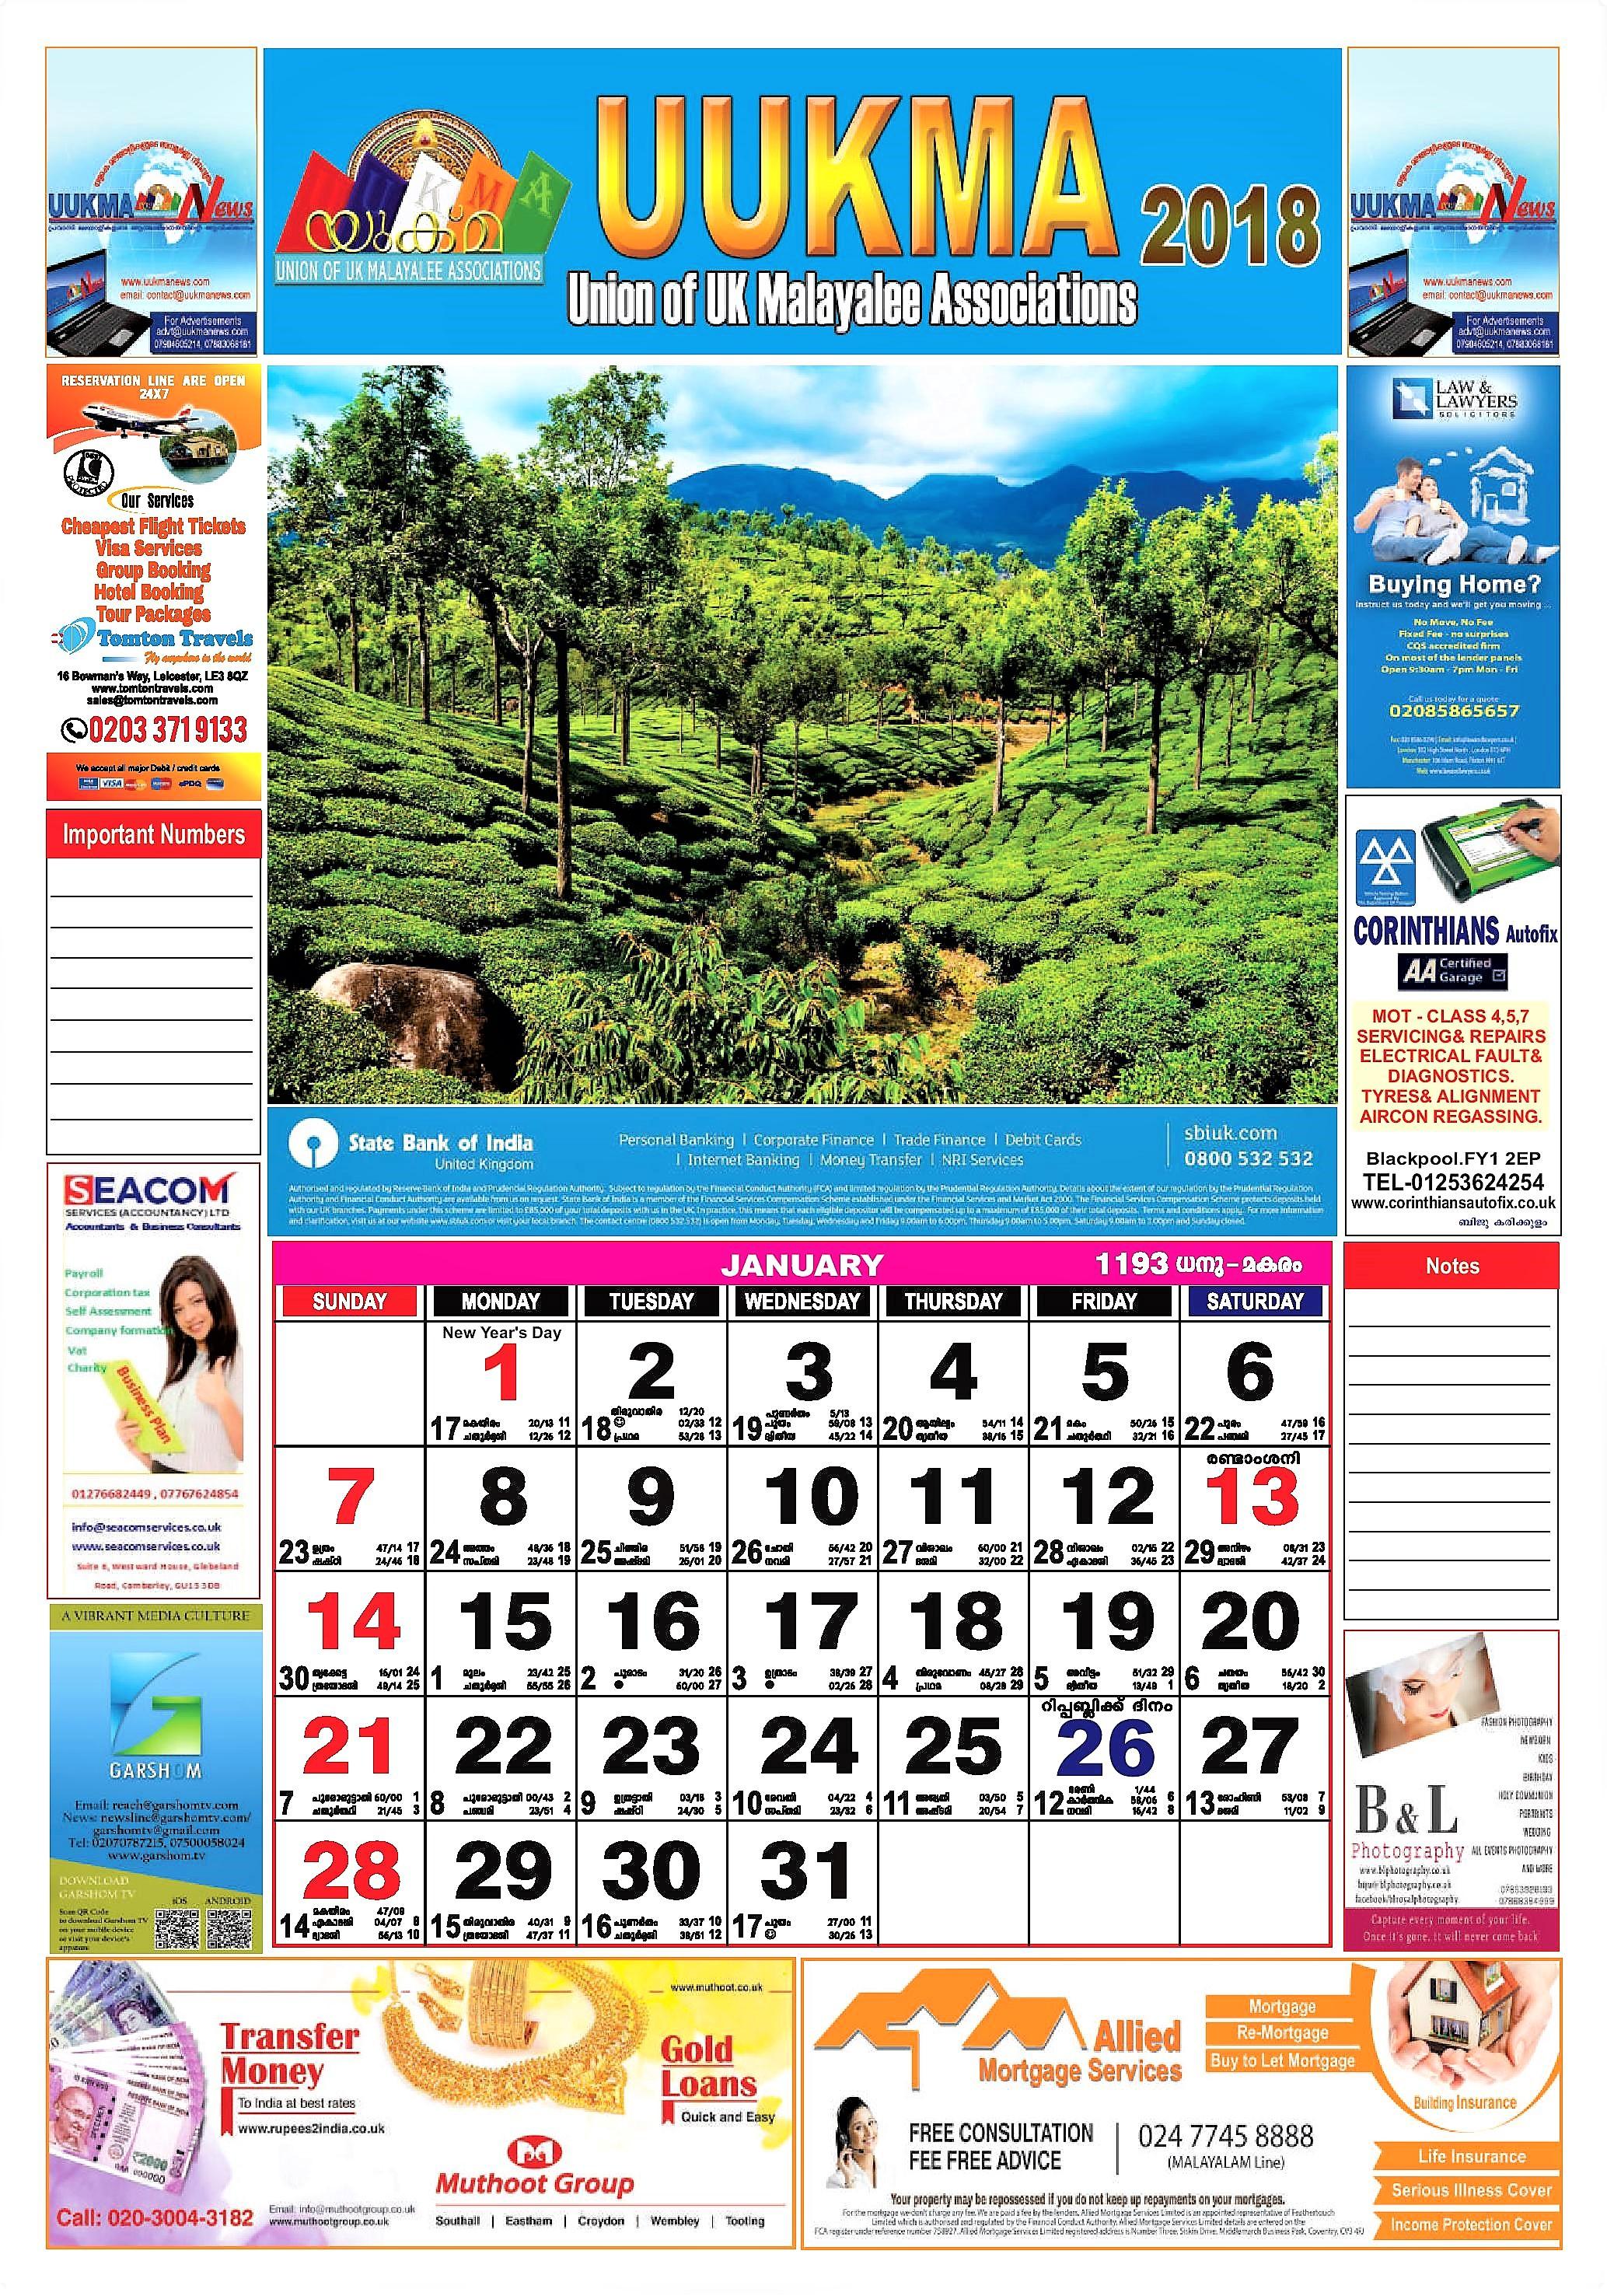 http://uukmanews.com/uukma-2018-calendar/